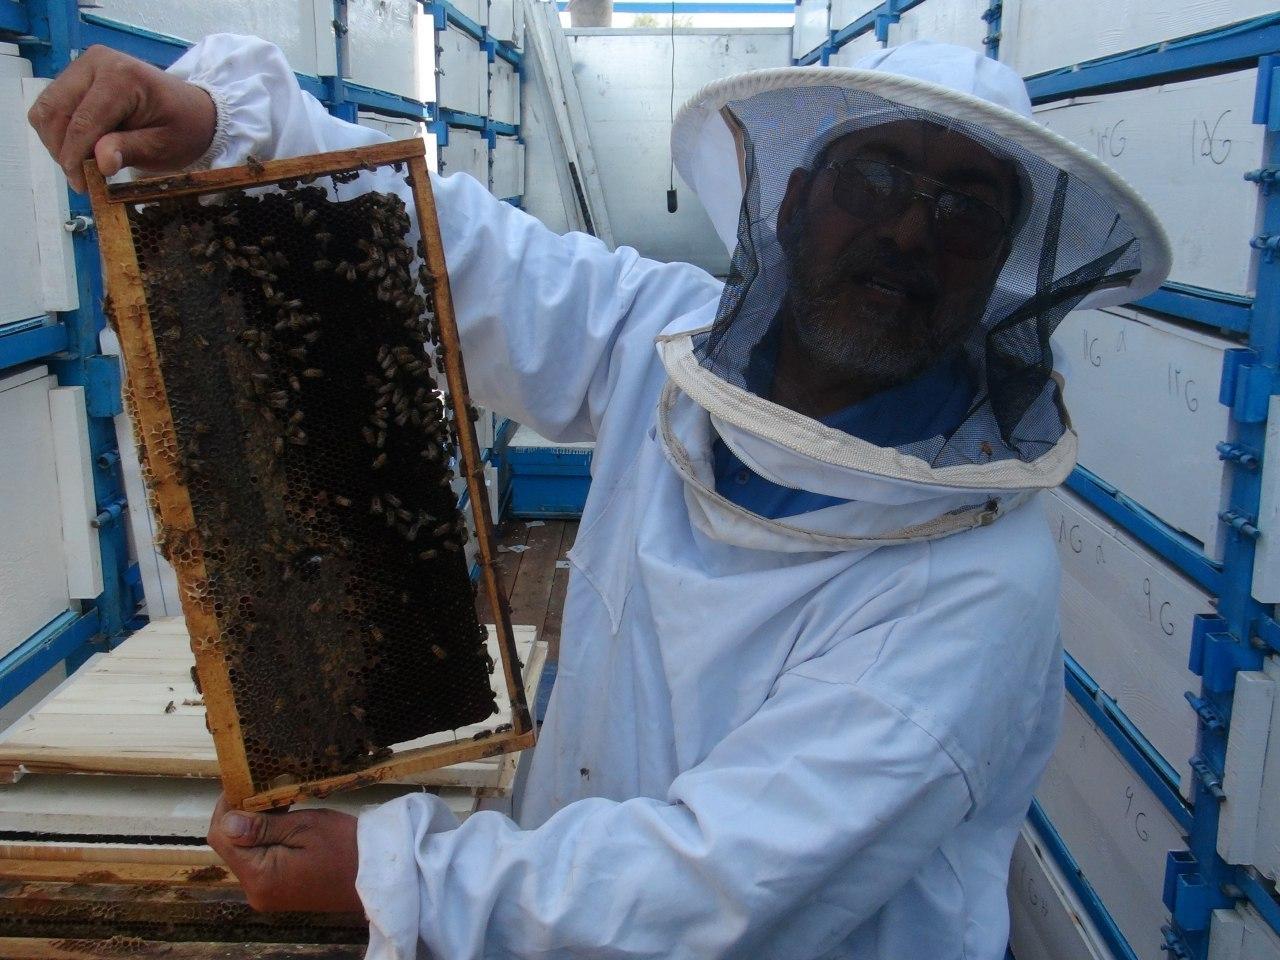 فعالیت ۱۶۰۰ زنبوردار در نجف آباد فعالیت ۱۶۰۰ زنبوردار در نجف آباد فعالیت ۱۶۰۰ زنبوردار در نجف آباد 1962574 812